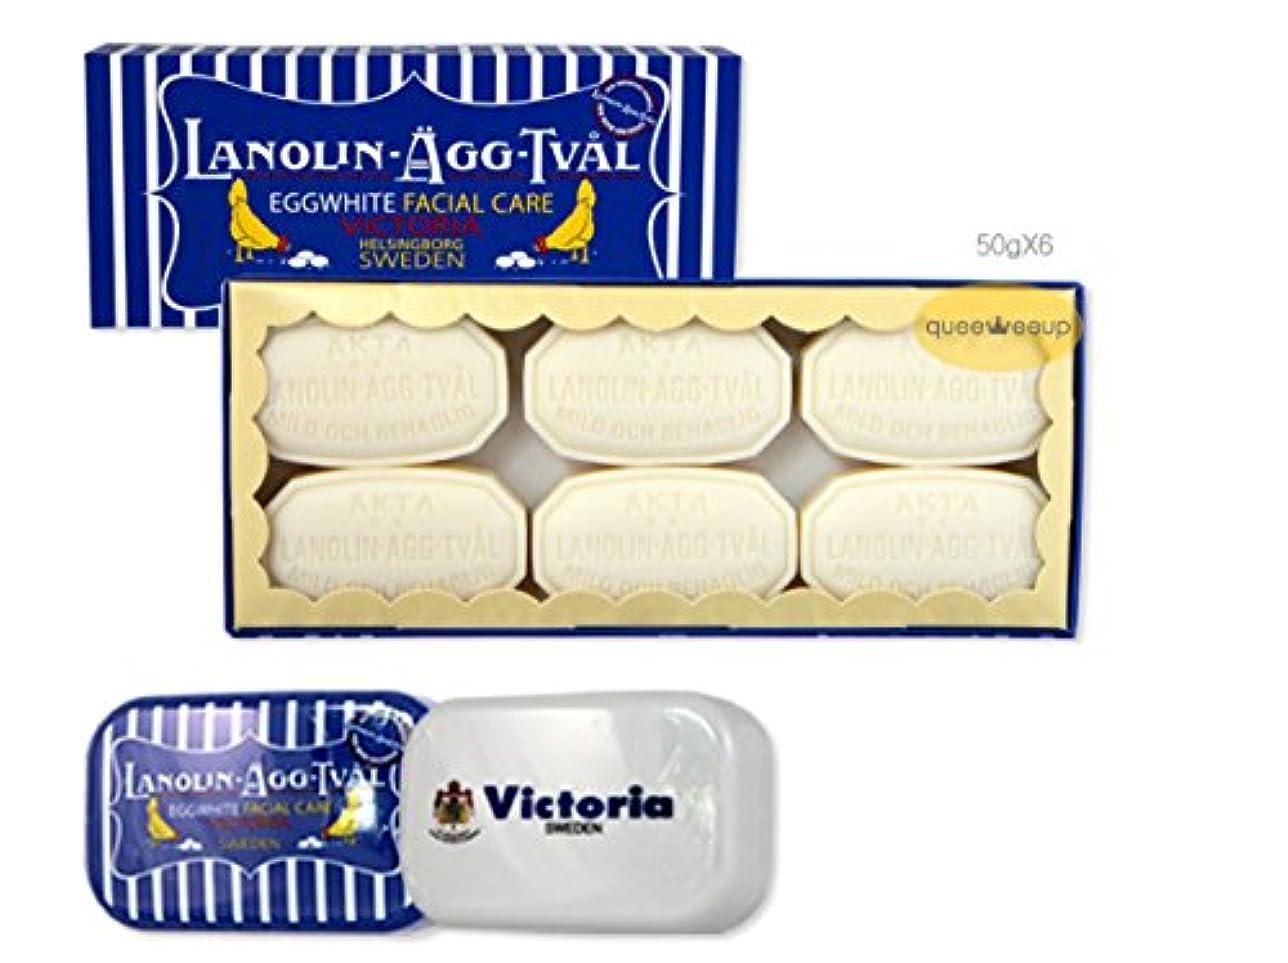 ほこり免除する技術的なVictoria (ヴィクトリア) ニュースウェーデンエッグパックソープ 50g×6個 + ケース NEW Sweden Egg Pack